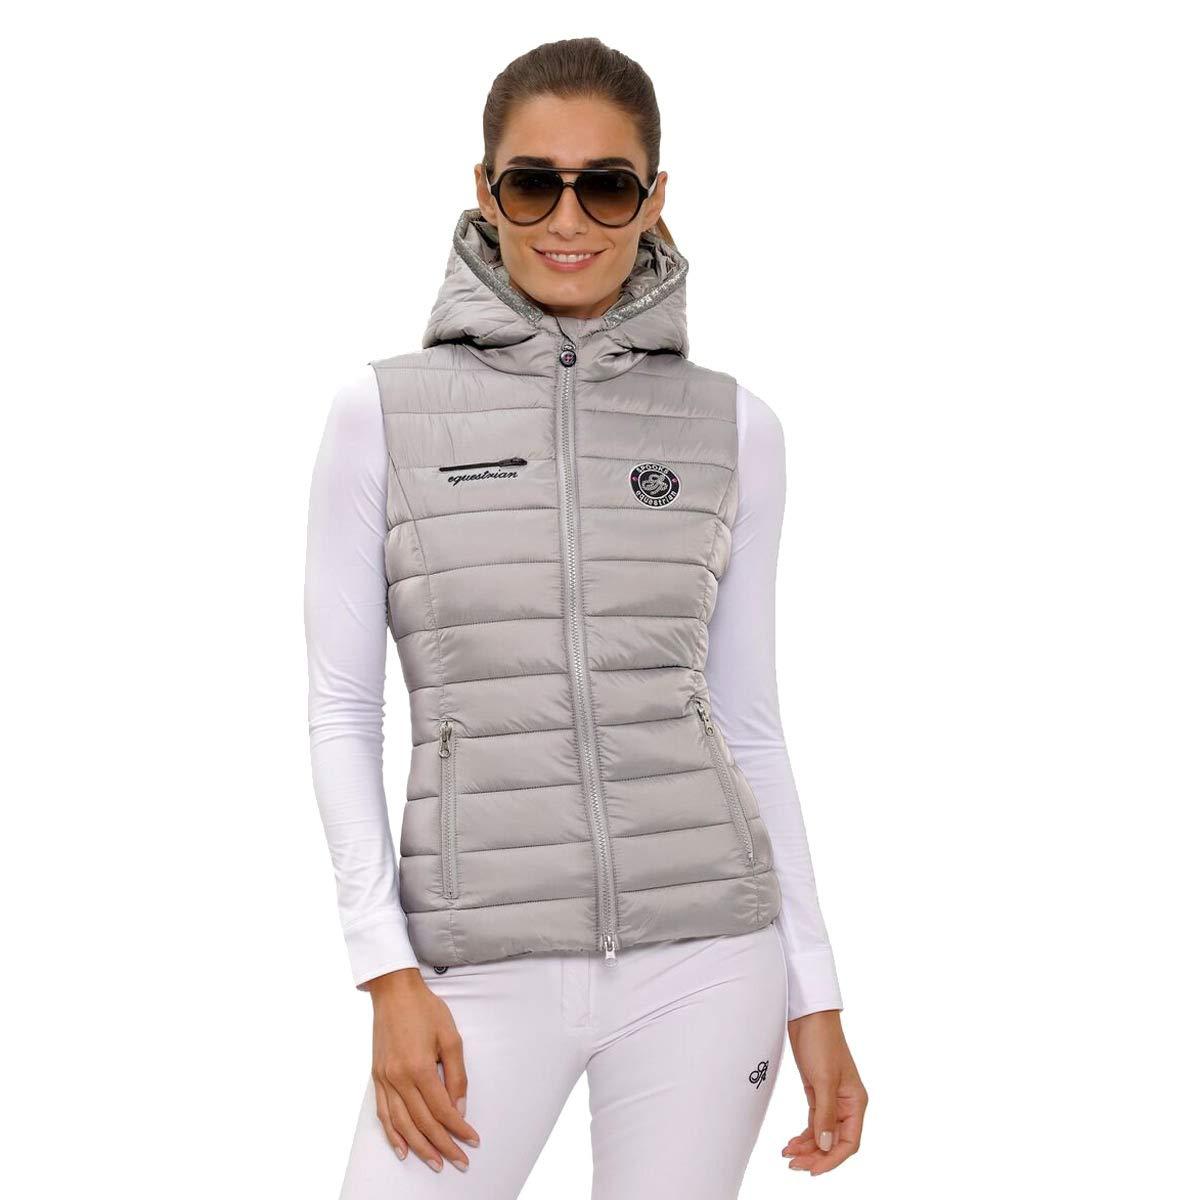 激安の Spooks(スプークス) グレー Lilly Vest Vest リリィベスト グレー リリィベスト Mサイズ B079SFWM1R, 植物素材のやさしい印鑑京都印章堂:9722a7fe --- svecha37.ru